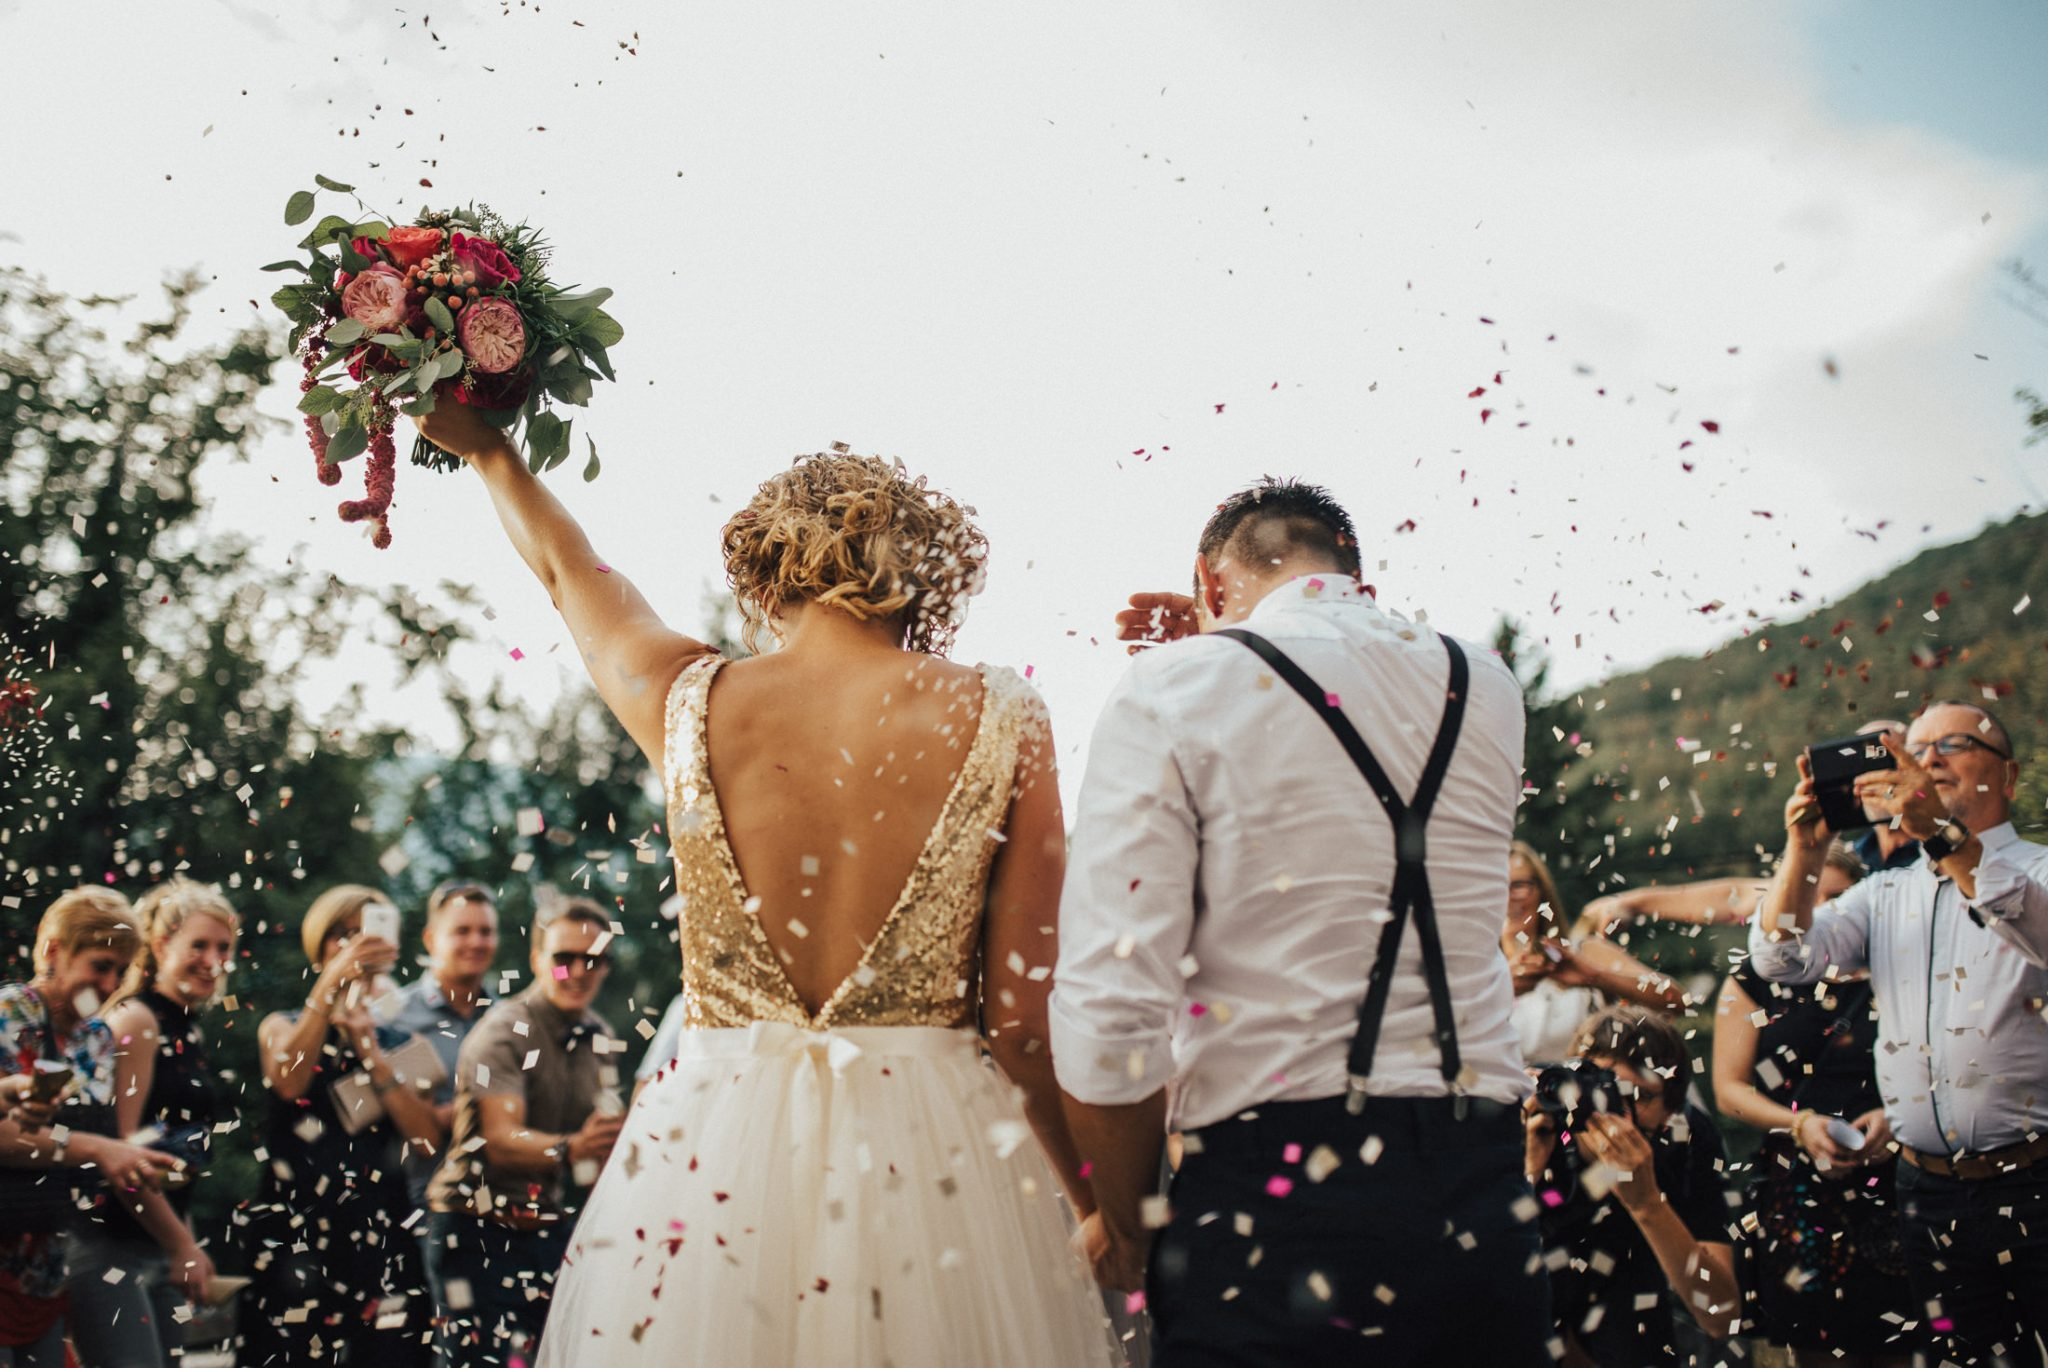 Da Sposa AdattoBigodino Civile VestirsiL'abito Matrimonio Come Più uOPXTkZi